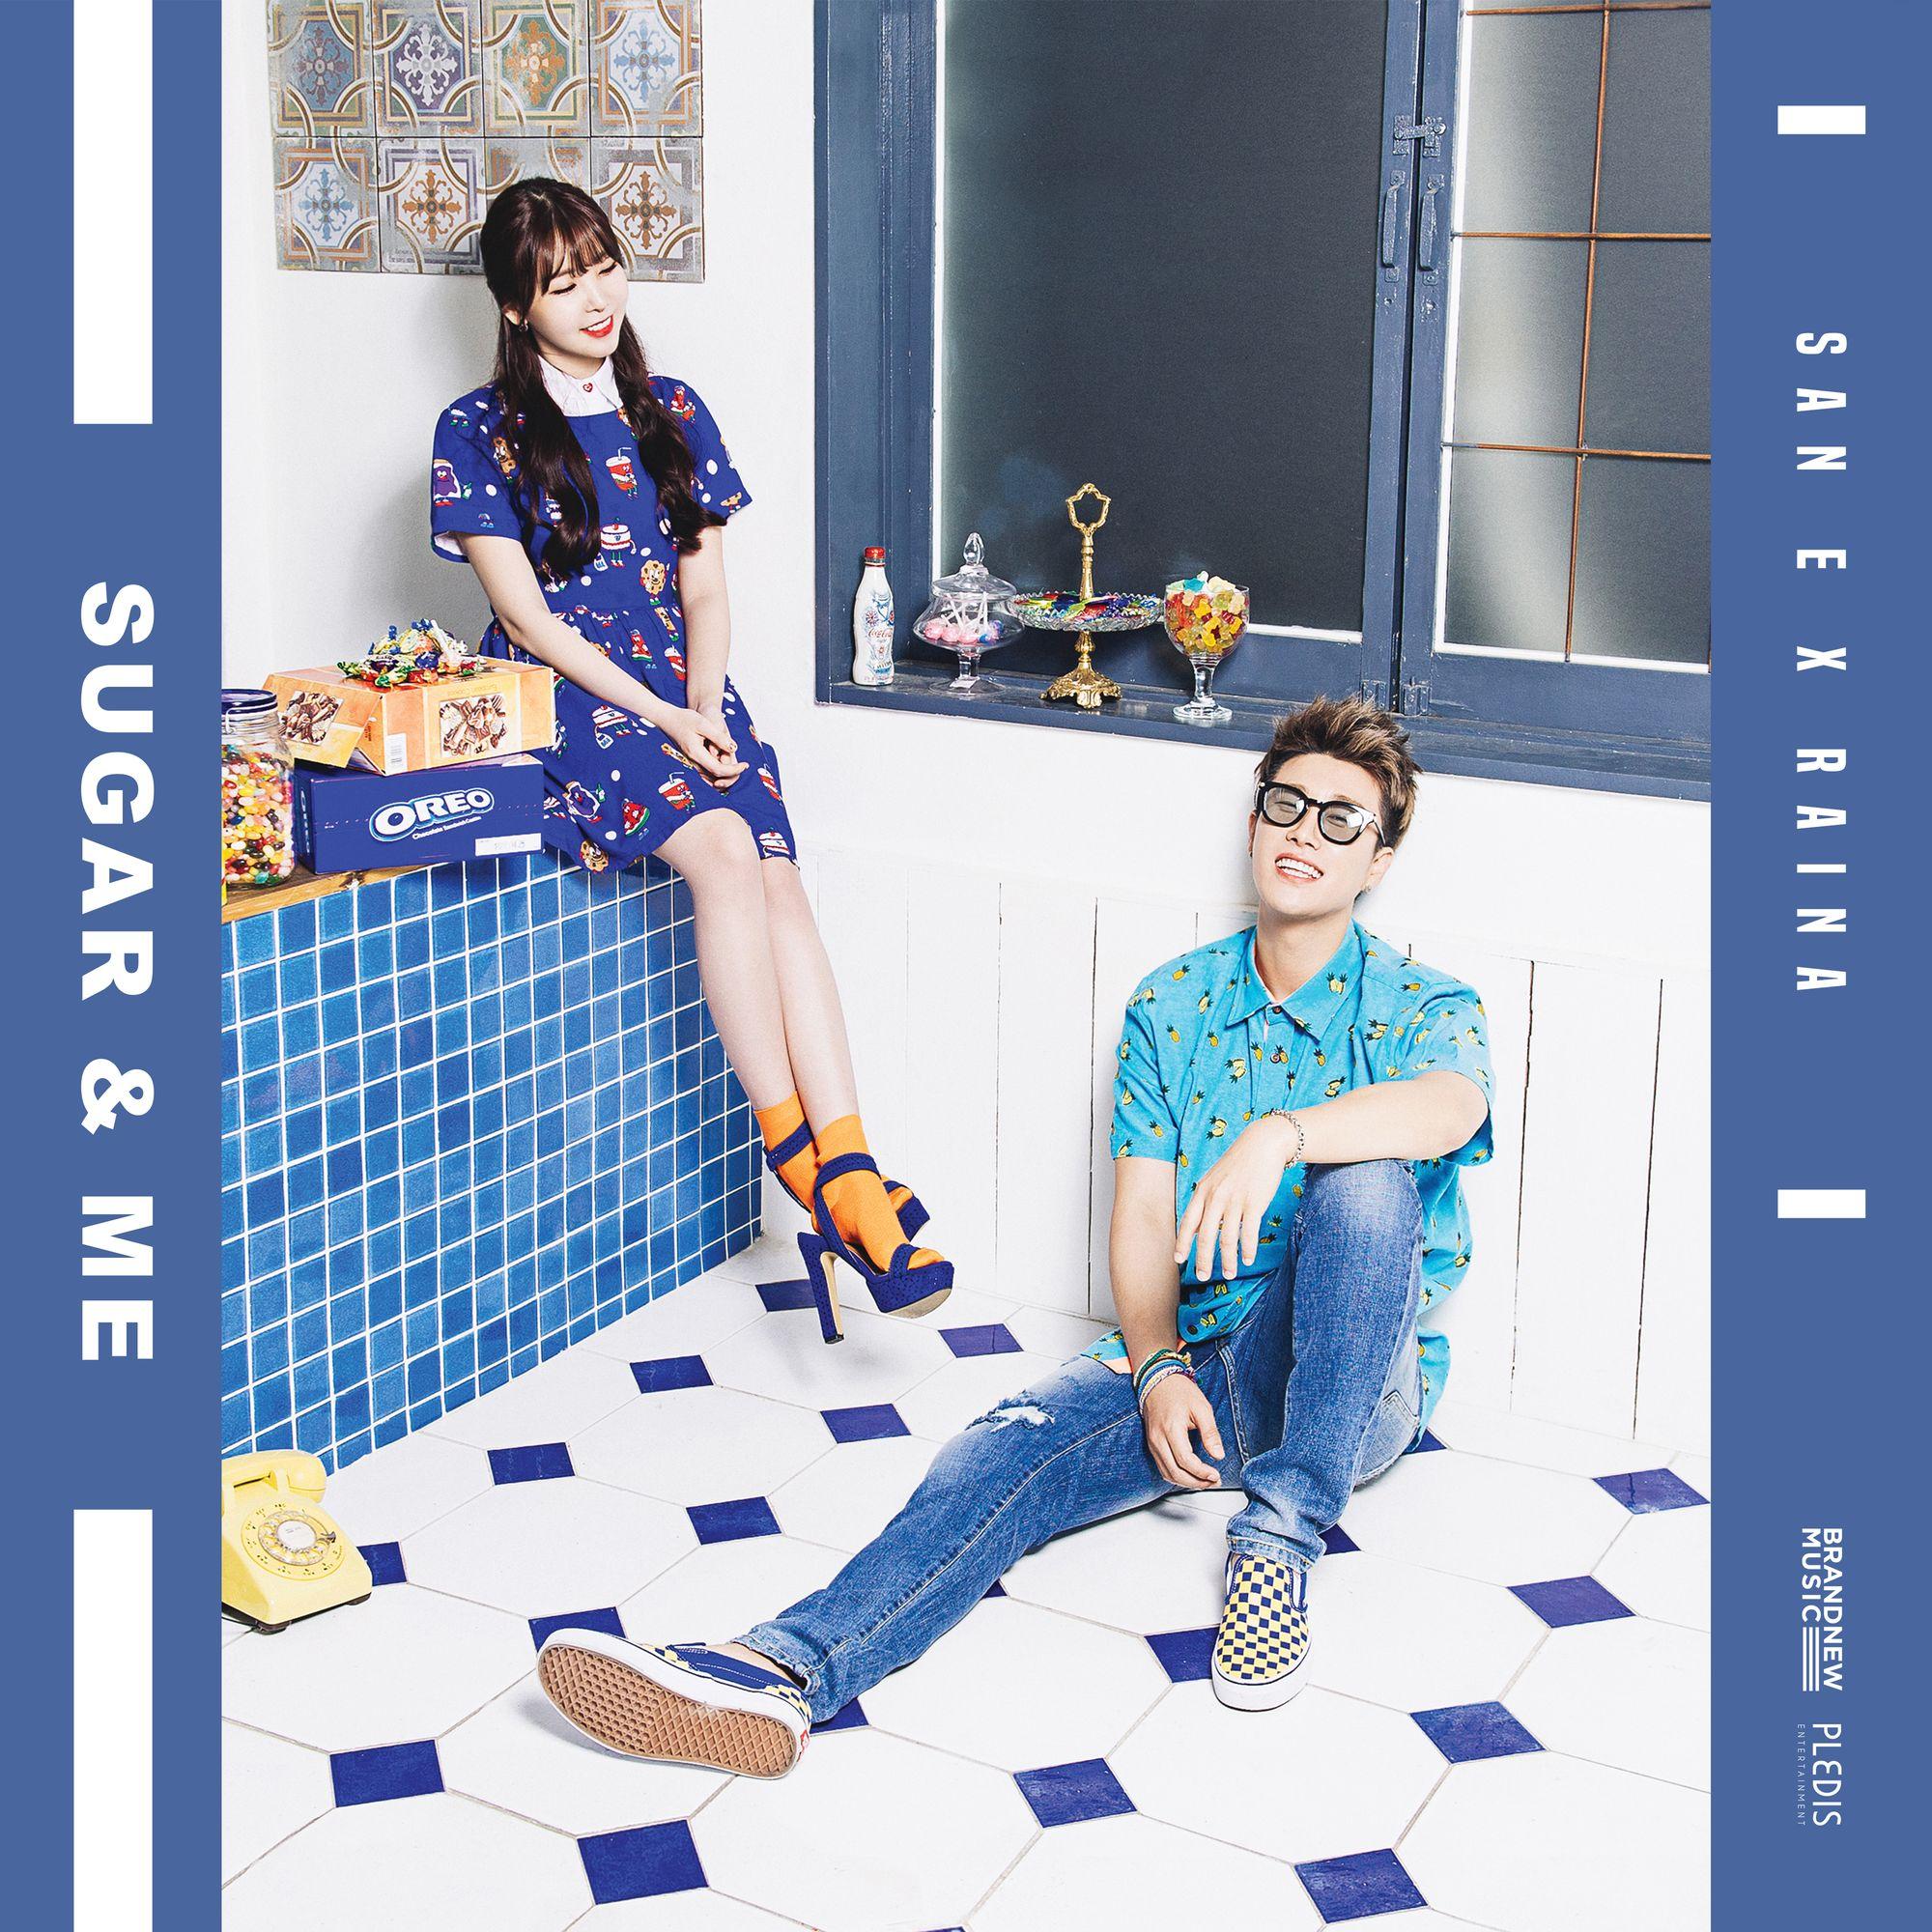 20160620.02.03 San E & Raina - Sugar and Me cover.jpg